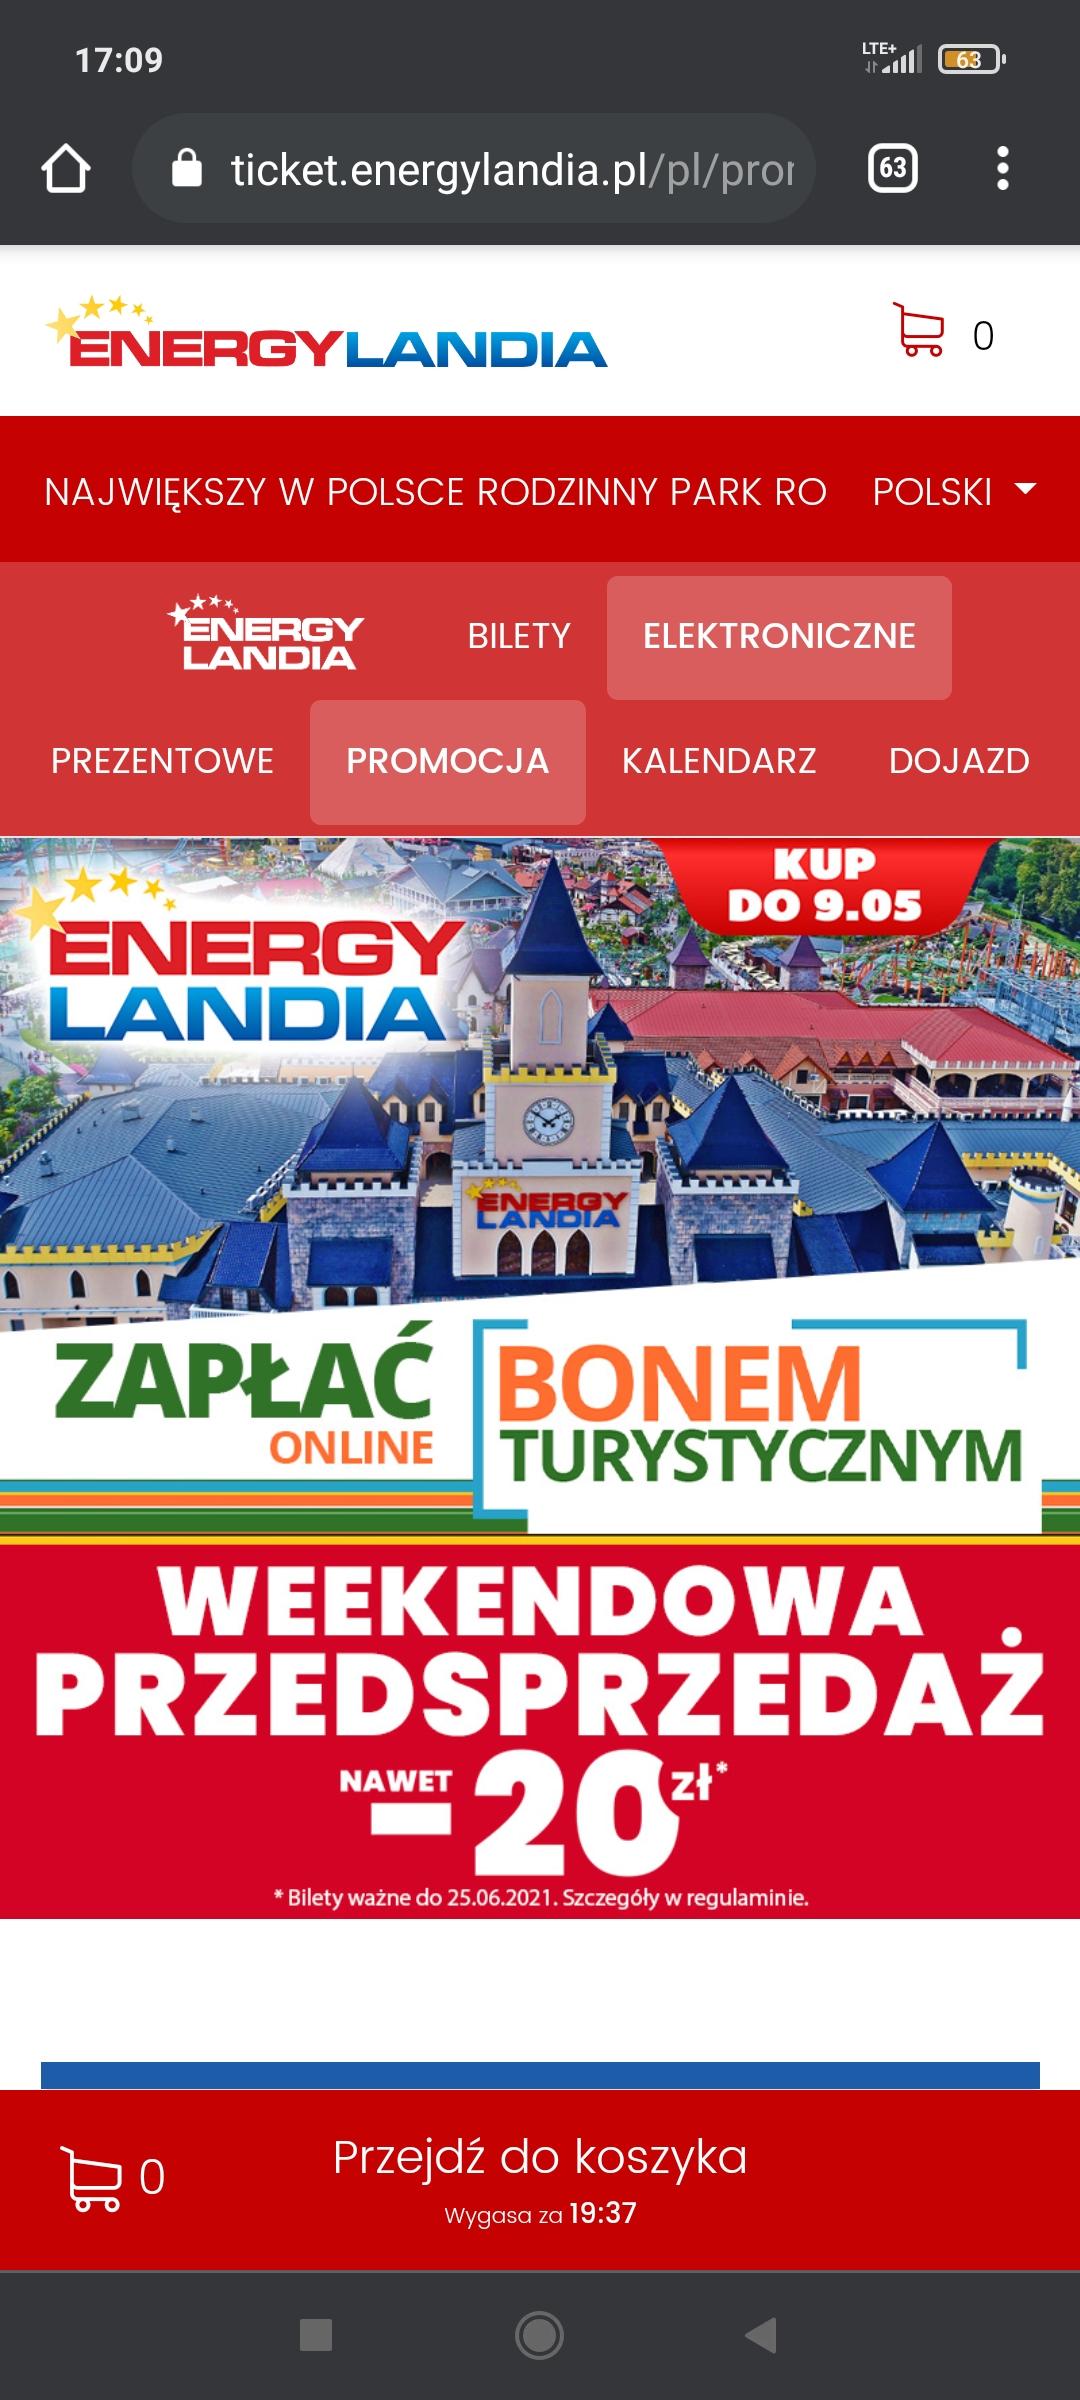 Przedsprzedaż biletów Energylandia -20 zł kup do 09.05 zapłać online bonem turystycznym